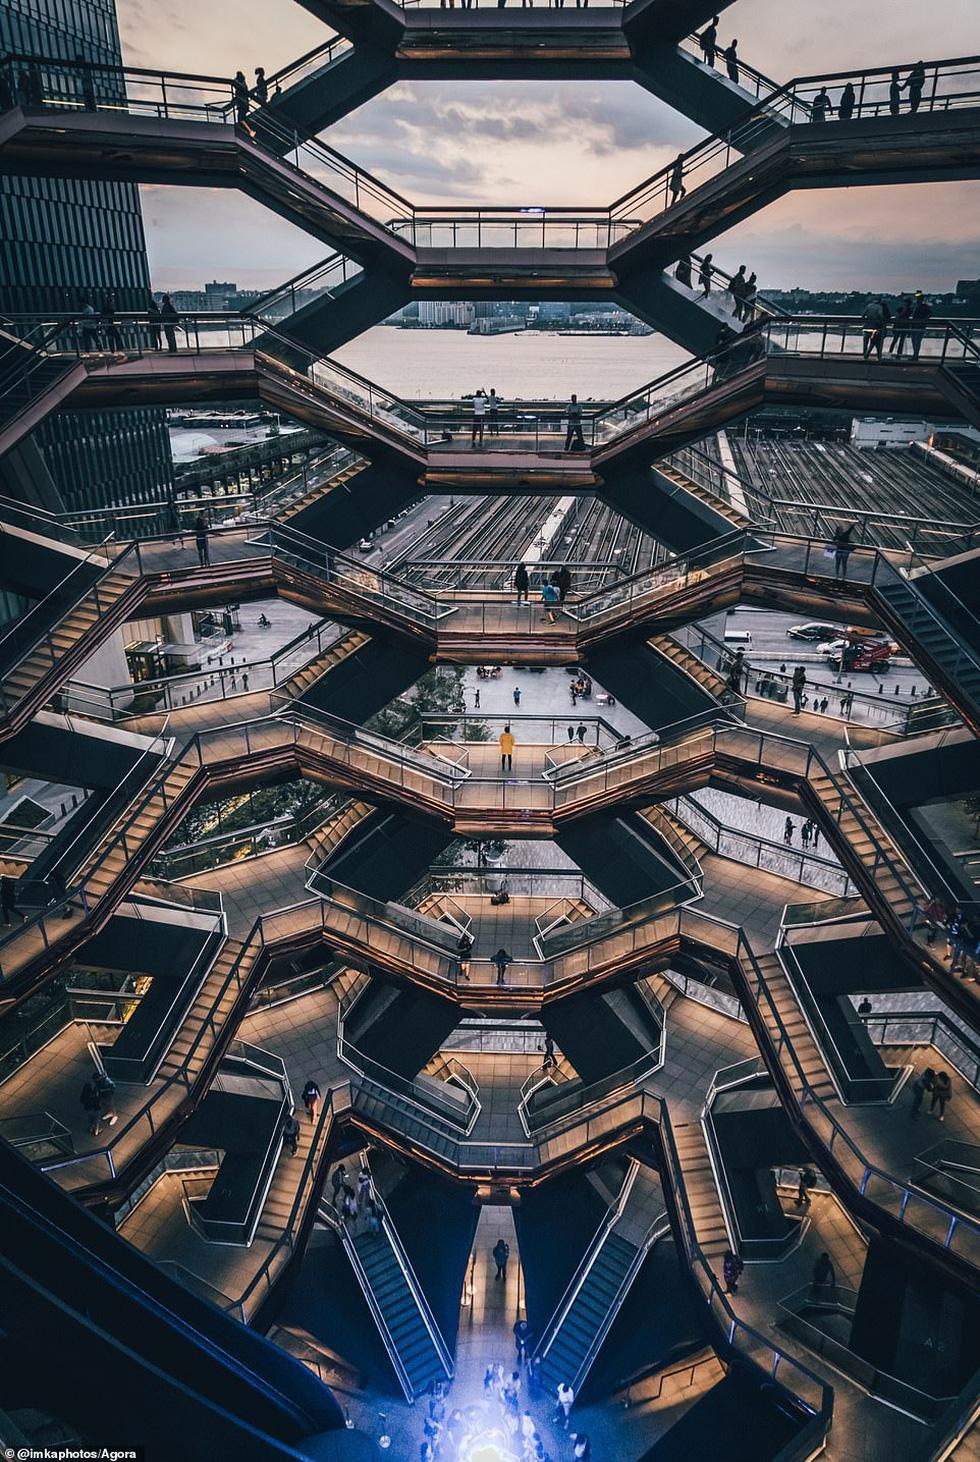 Ảnh Cầu Vàng vượt hơn 10.000 ảnh giành chiến thắng cuộc thi Architecture 2020 - Ảnh 8.